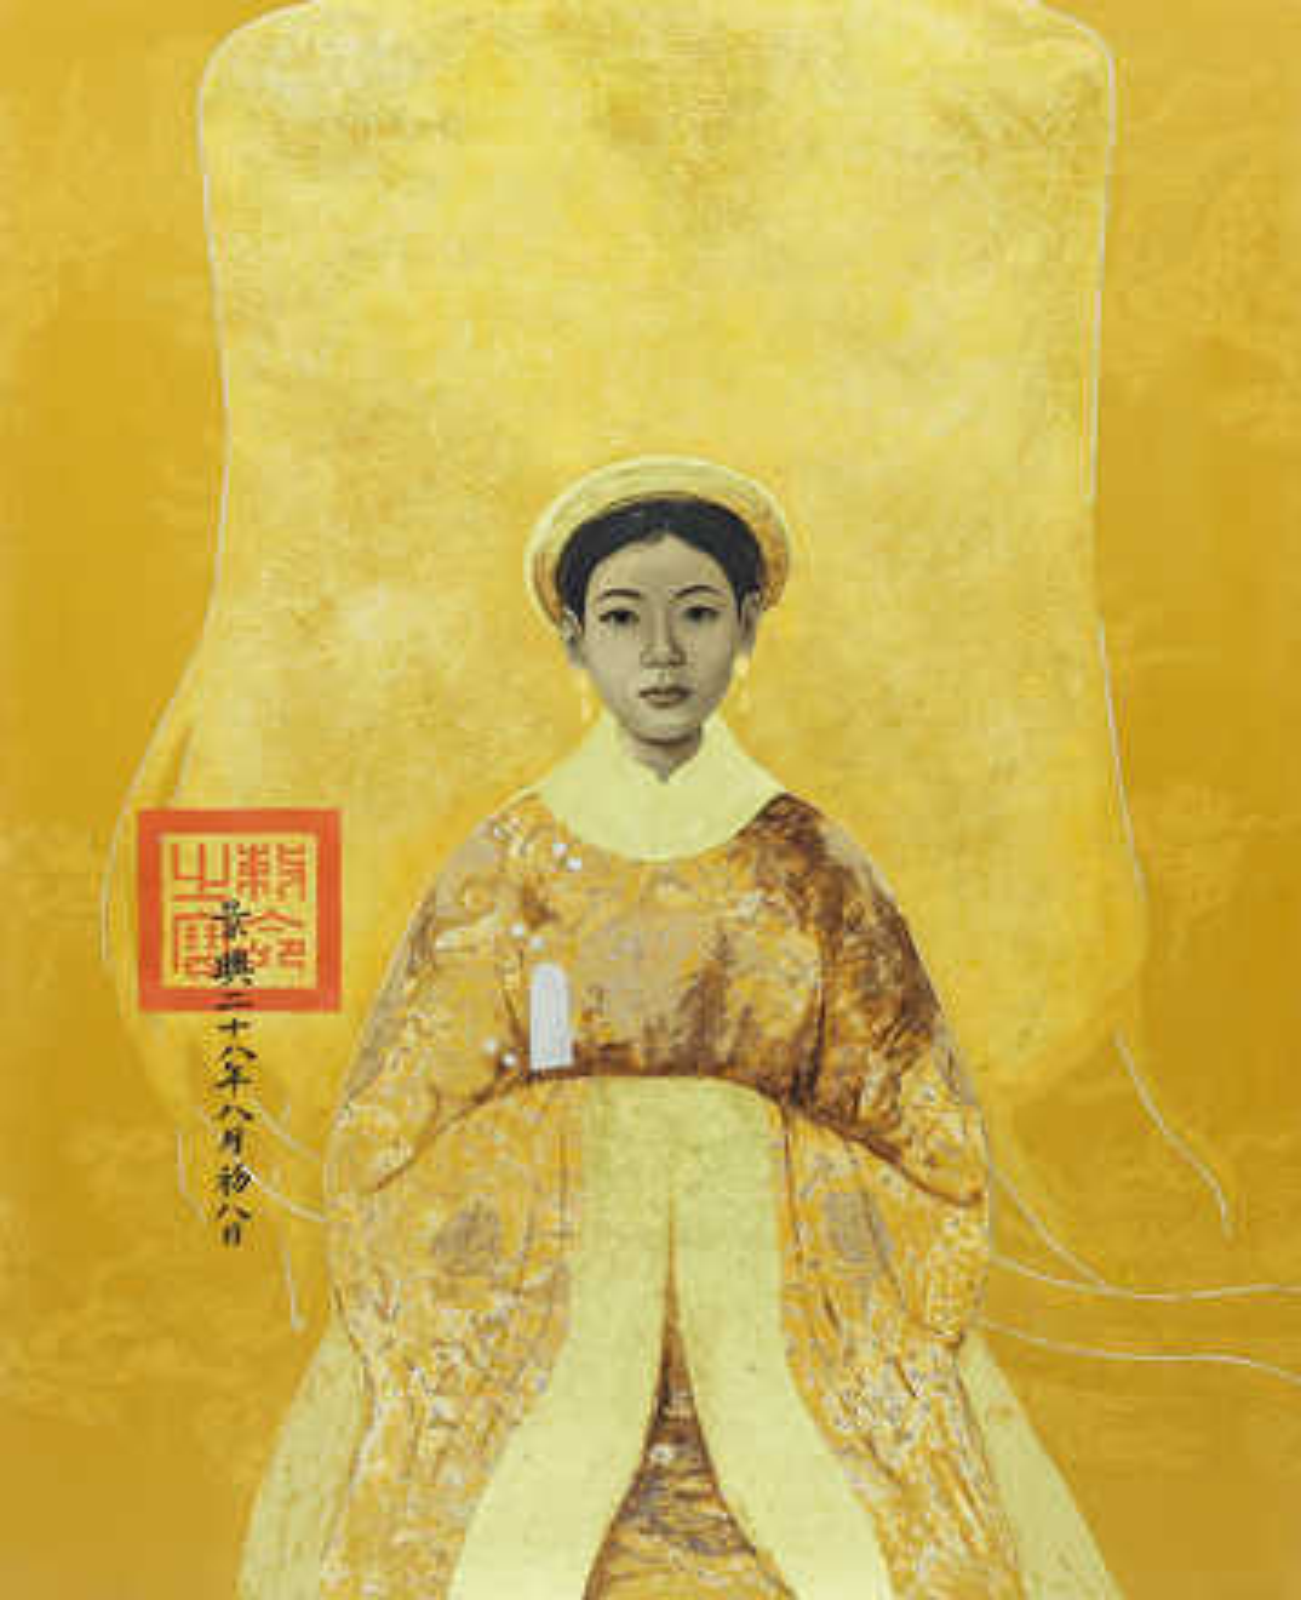 Royal Lady I - Bui Huu Hung